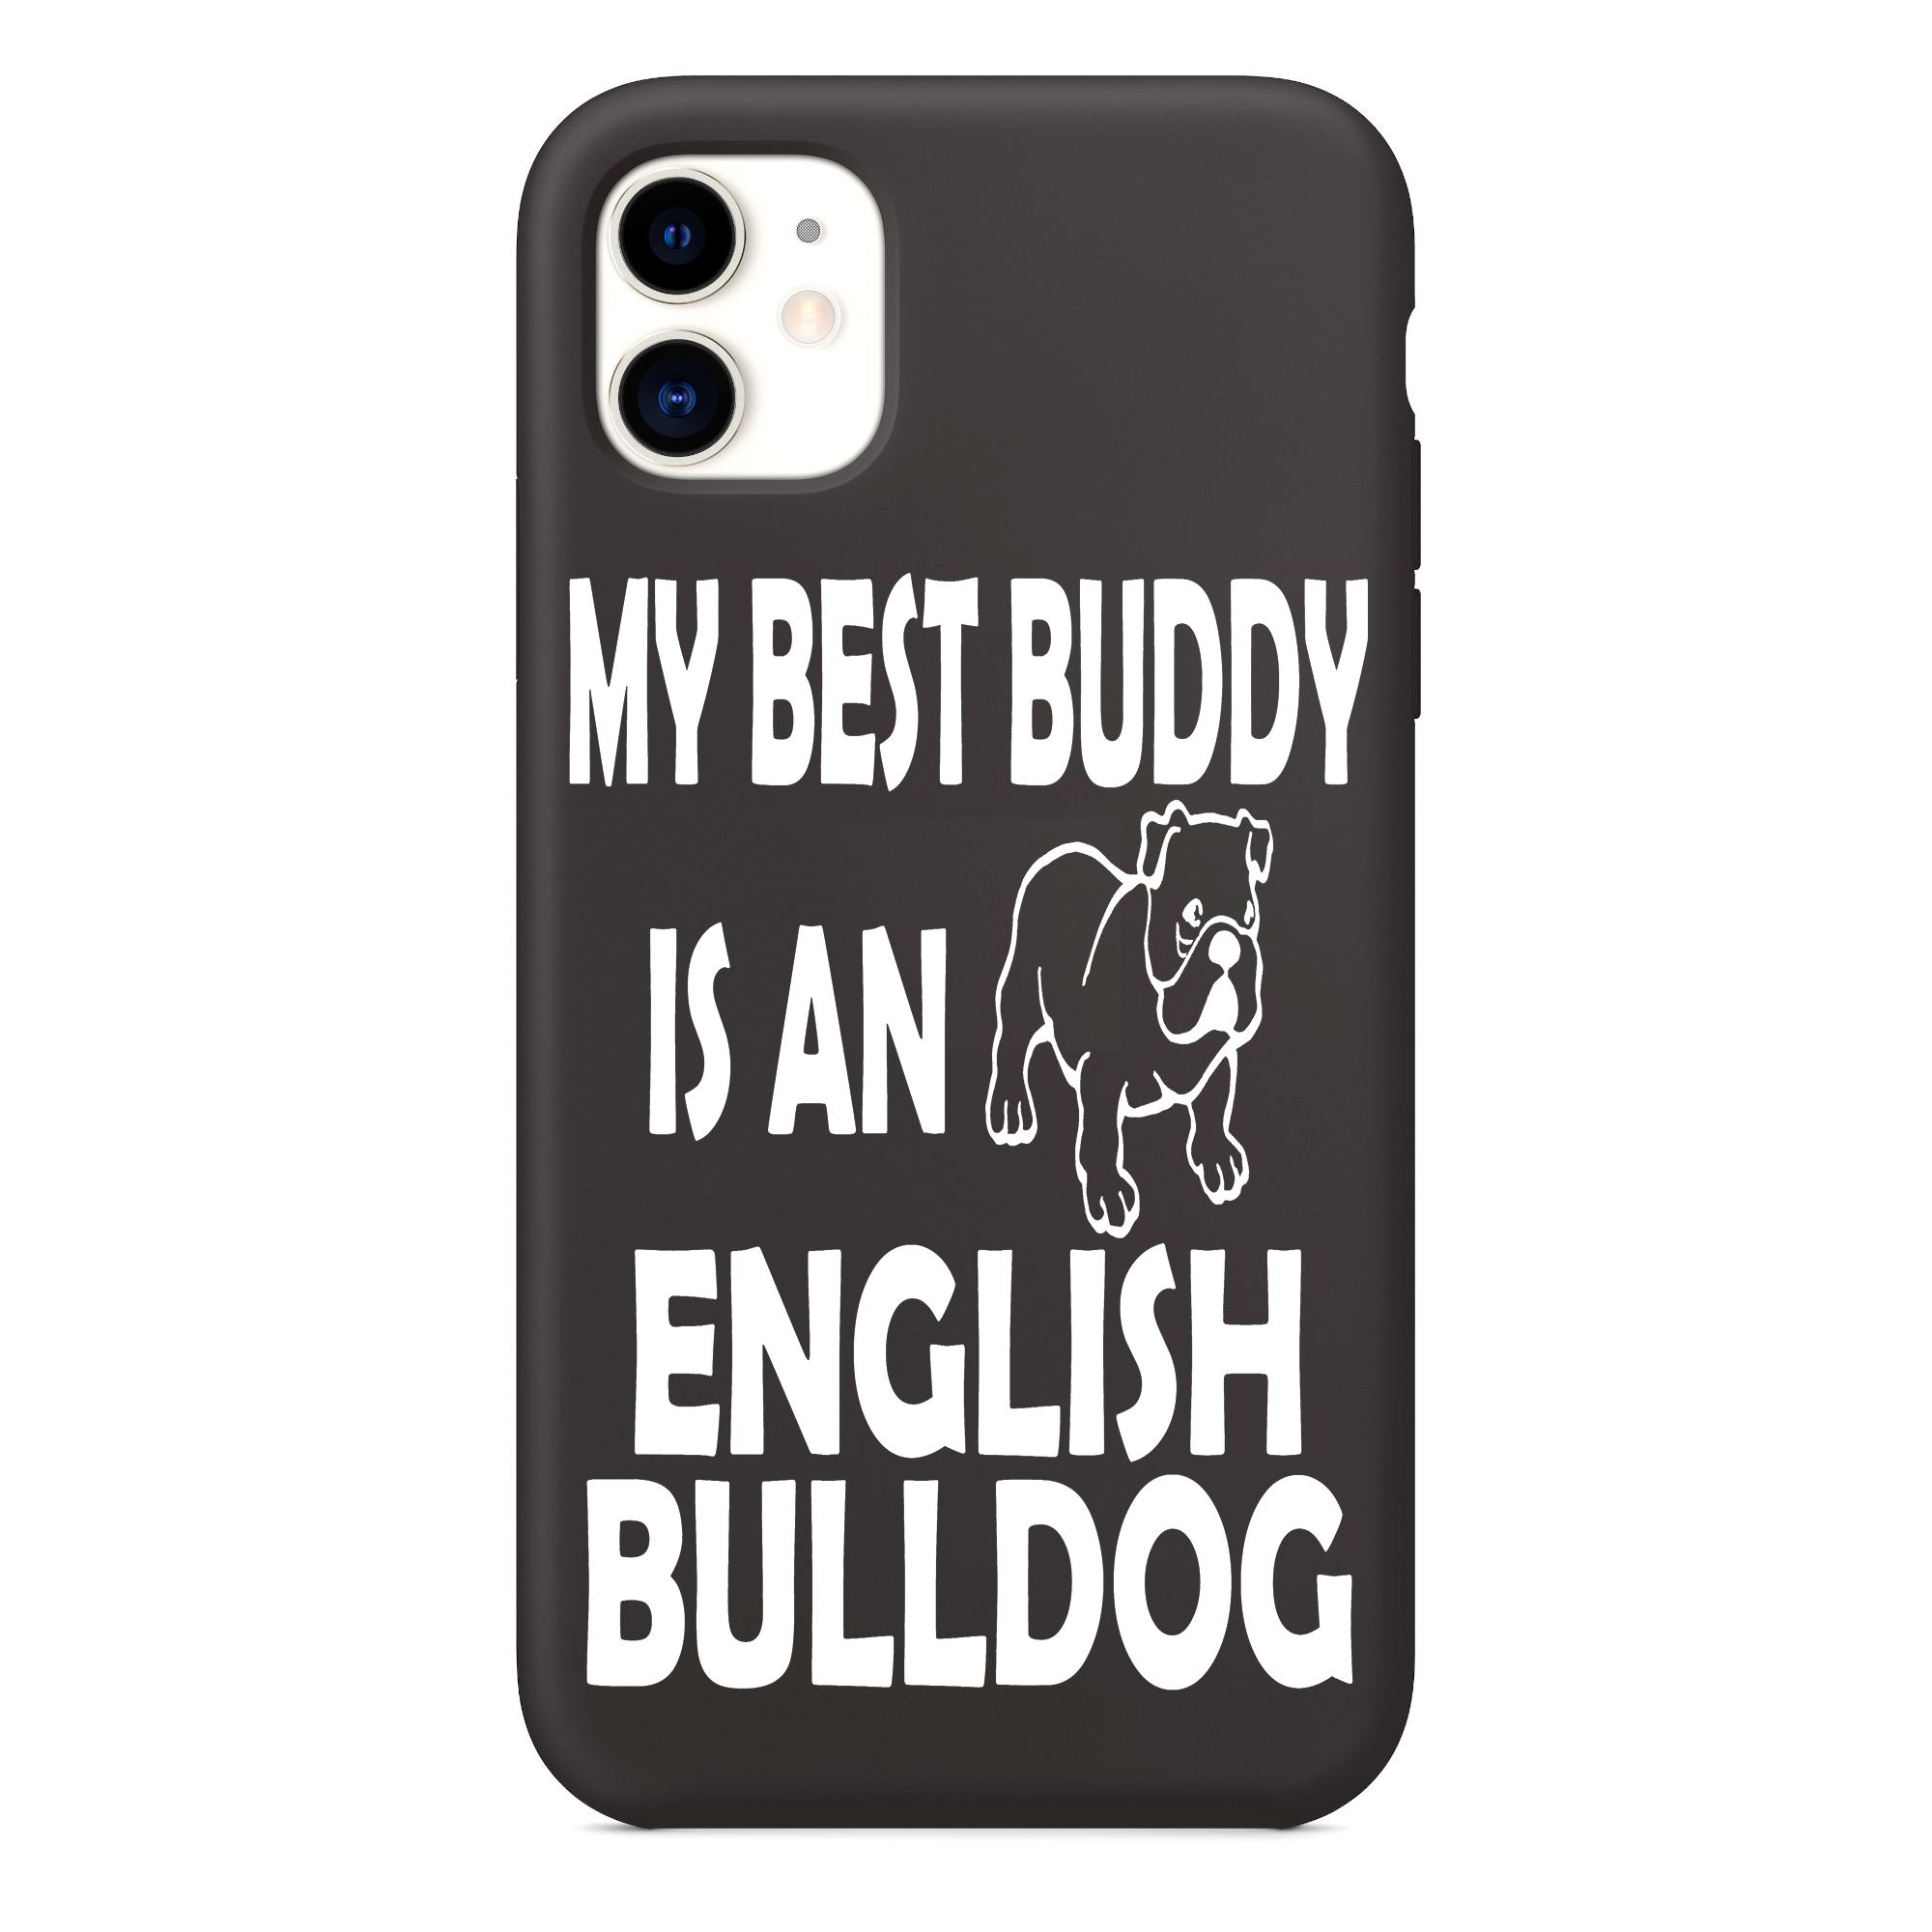 Il mio migliore amico è una custodia per iPhone Bulldog inglese, il mio migliore amico è una custodia per iPhone 11 con illustrazioni di Bulldog ...